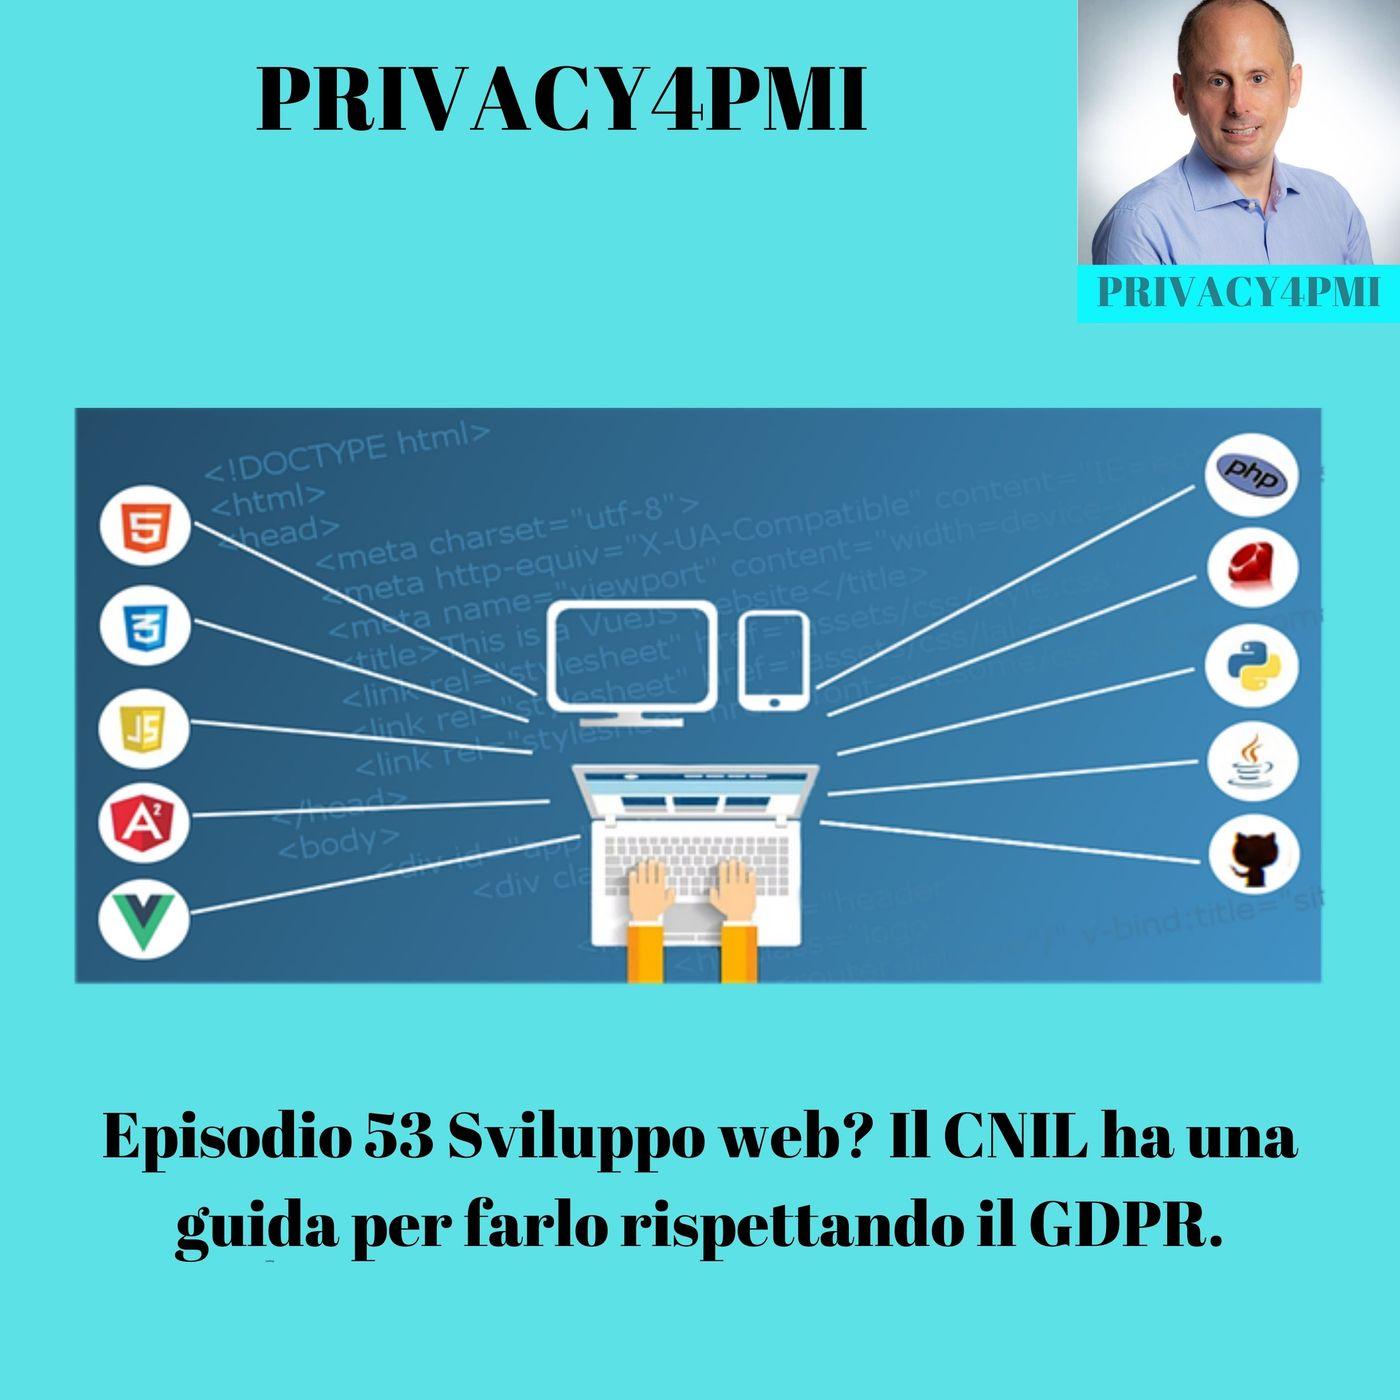 Episodio 53 Sviluppo web? Il CNIL ha una guida per farlo rispettando il GDPR.